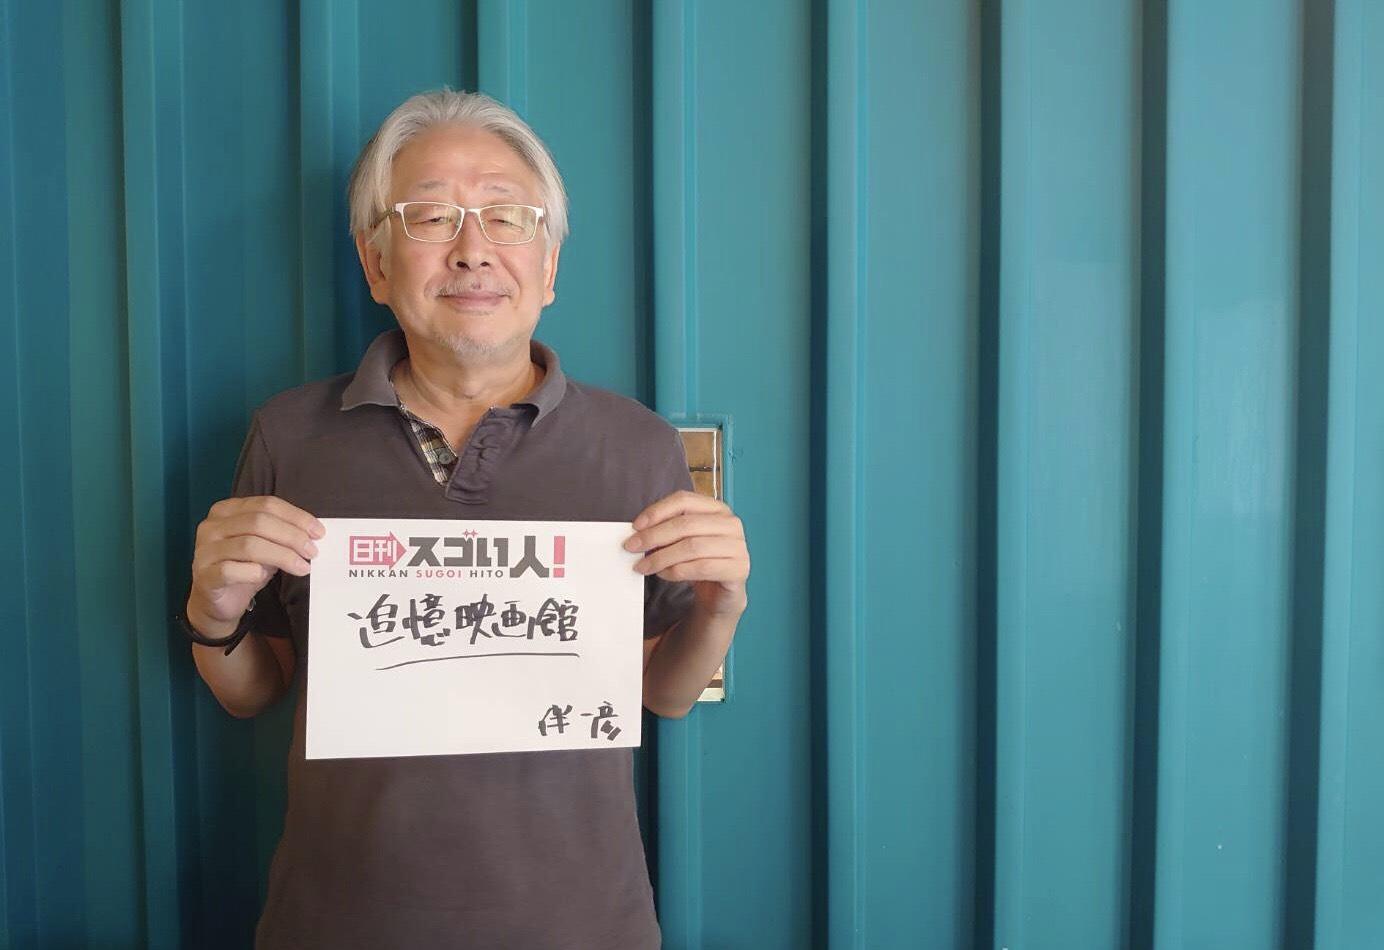 日本人なら絶対知っている大ヒットドラマ・映画で時代を創ってきたスゴい脚本家!DAY1